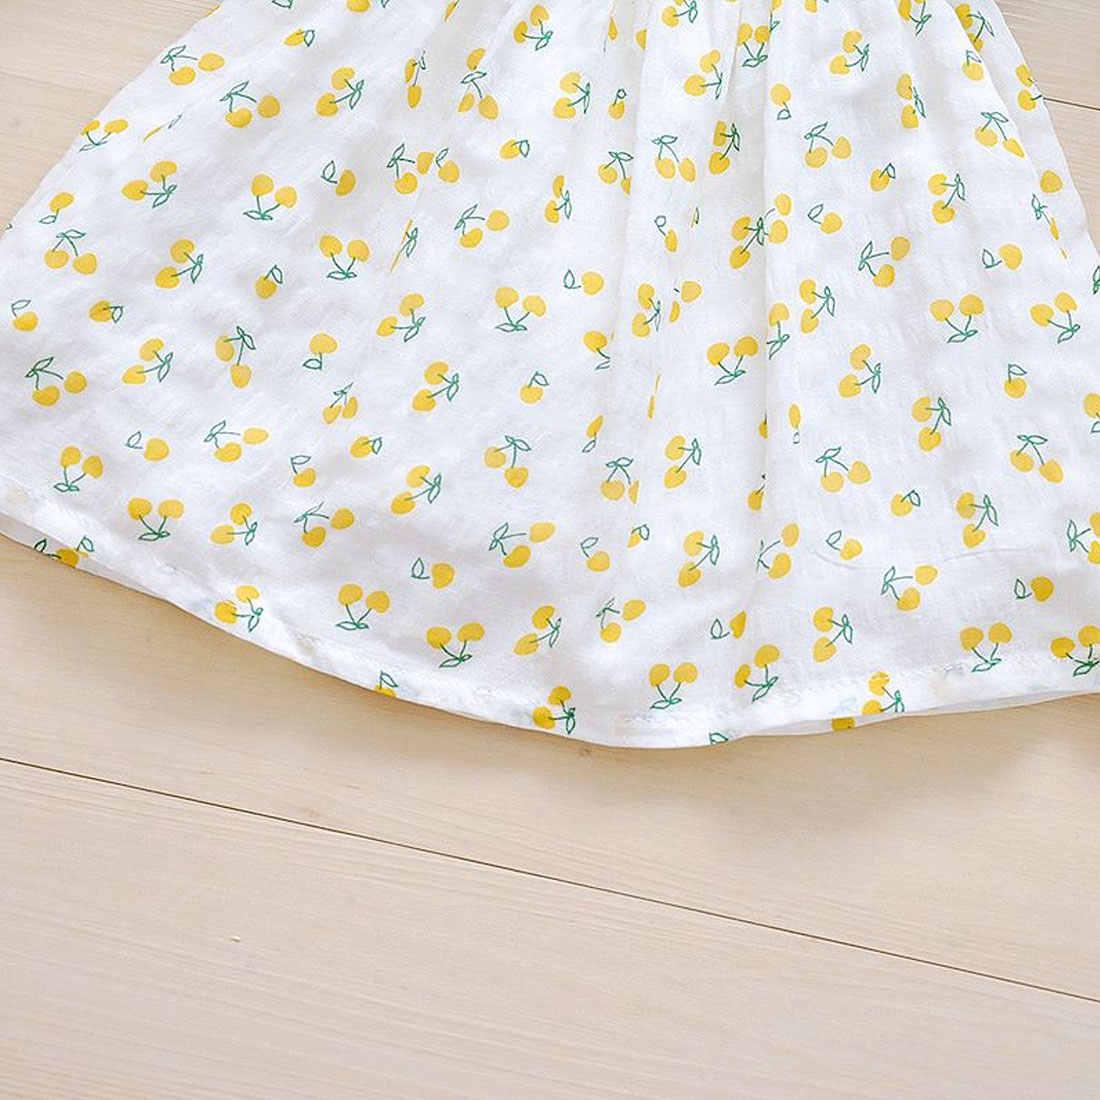 Платье для маленьких девочек Новая летняя детская одежда платье с принтом фруктов для девочек платье принцессы для маленьких девочек